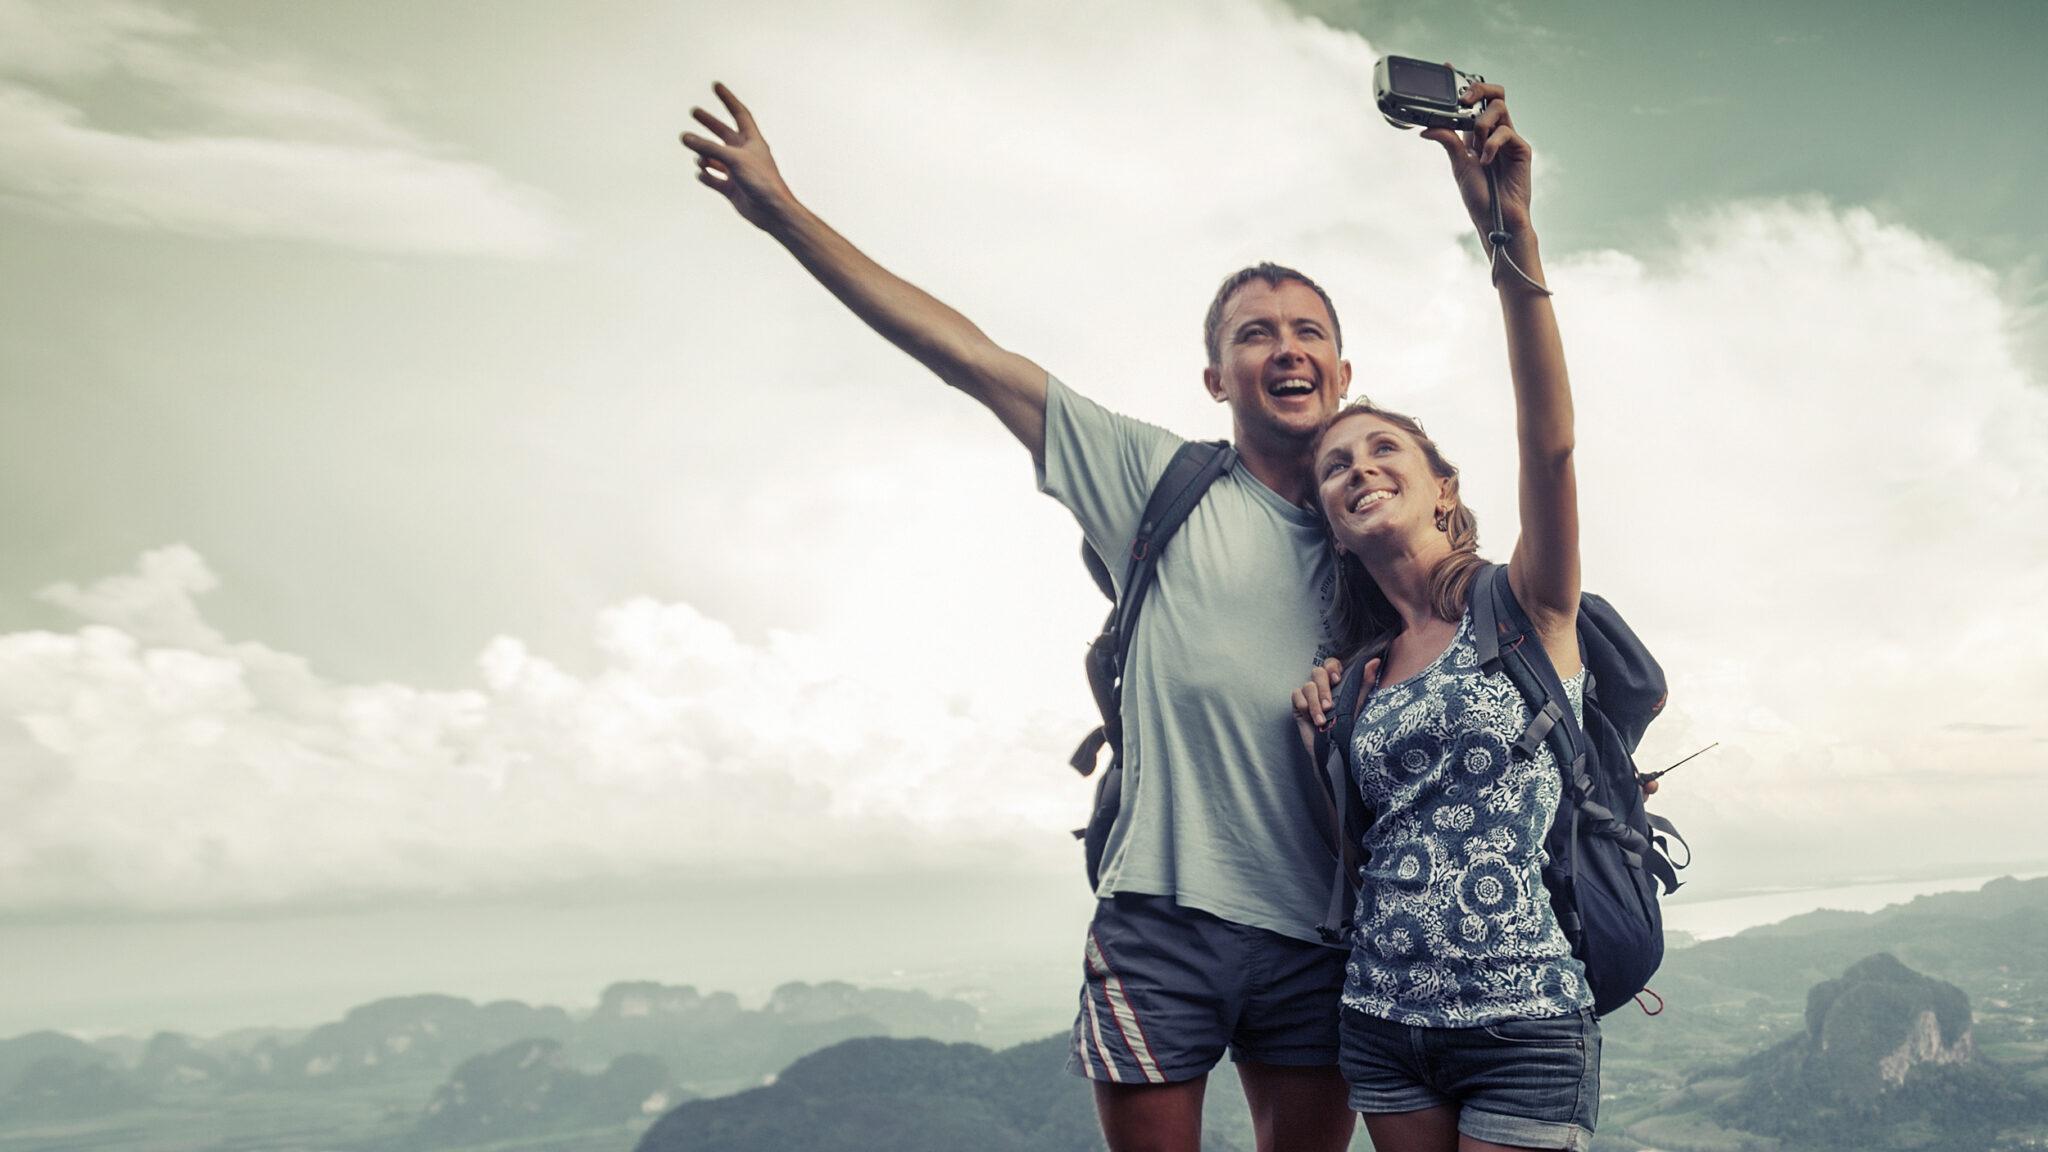 L'Alto Adige alle prese con milioni di turisti